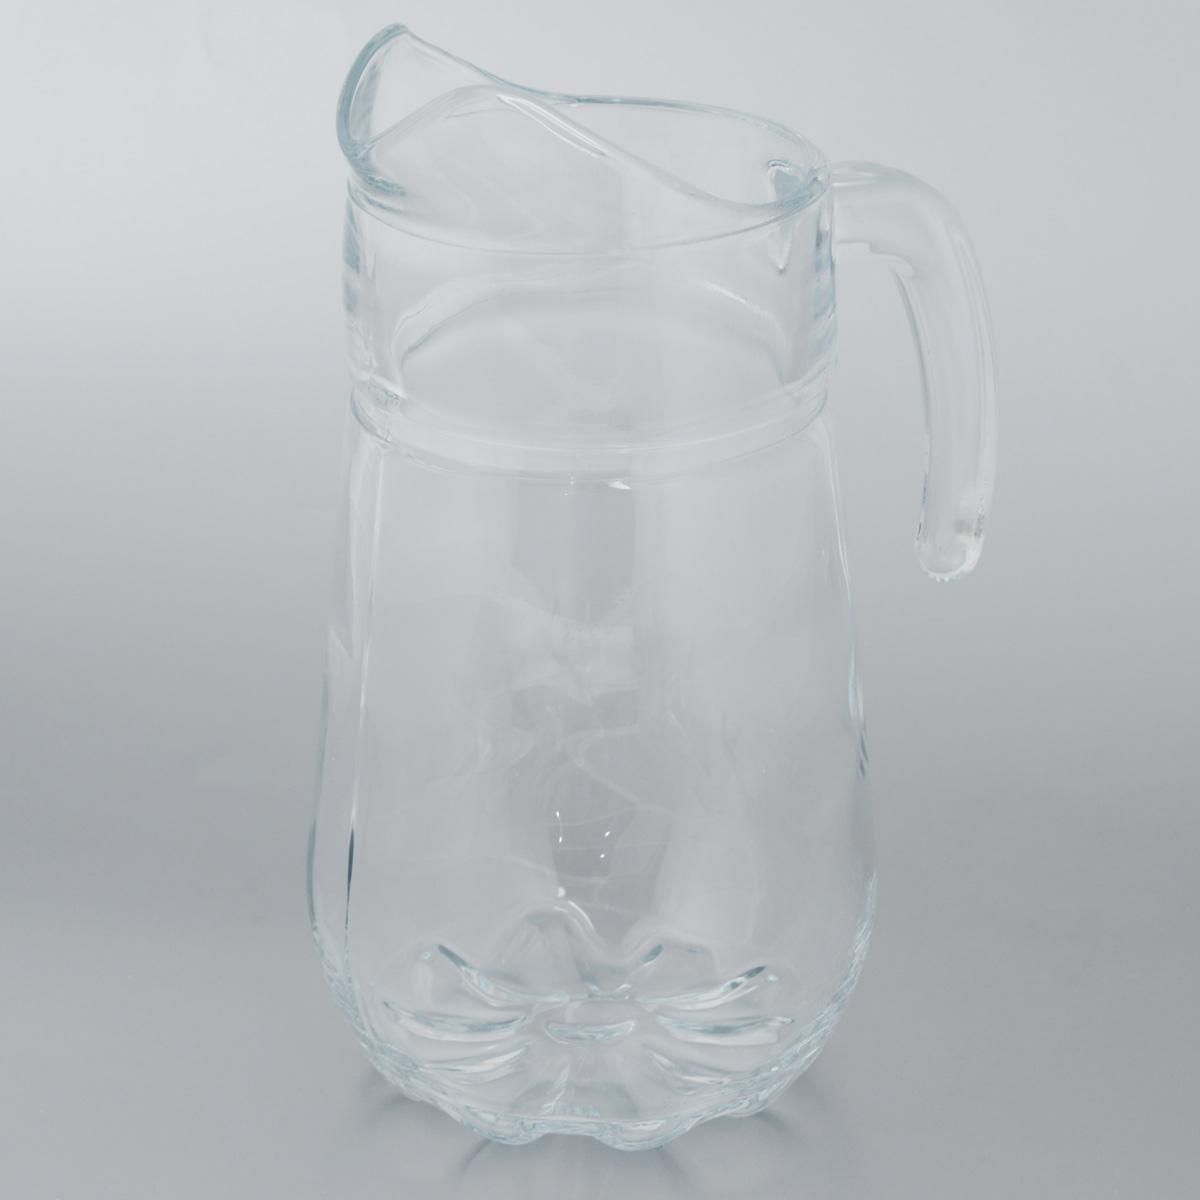 Кувшин Pasabahce Sylvana, 1,37 л43334BКувшин Sylvana, выполненный из прочного натрий-кальций-силикатного стекла, элегантно украсит ваш стол. Кувшин прекрасно подойдет для подачи воды, сока, компота и других напитков. Изделие оснащено ручкой и специальным носиком для удобного выливания жидкости. Совершенные формы и изящный дизайн, несомненно, придутся по душе любителям классического стиля. Кувшин Sylvana дополнит интерьер вашей кухни и станет замечательным подарком к любому празднику.Можно мыть в посудомоечной машине.Диаметр кувшина по верхнему краю (без учета носика): 9 см.Высота кувшина: 24,5 см.